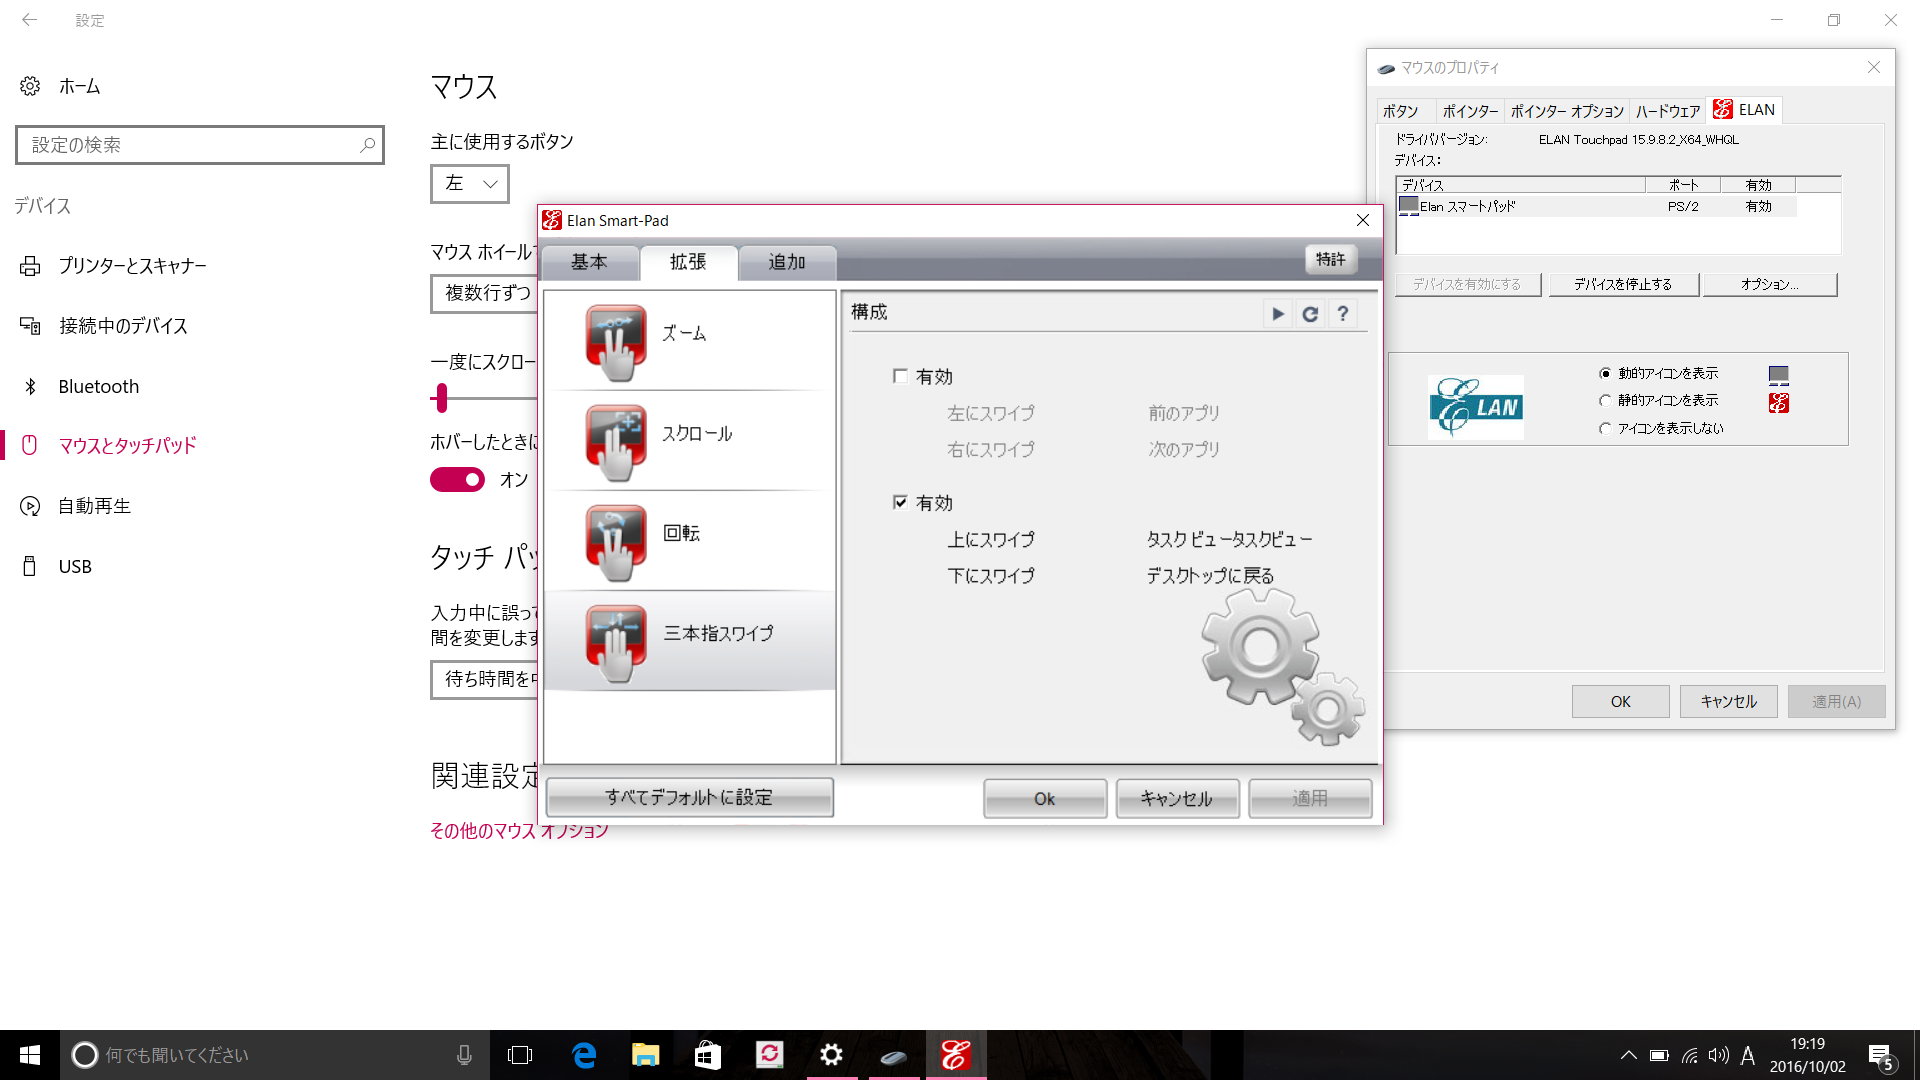 「マウスのプロパティ→オプション」から呼び出す「Elan Smart-Pad」で、Windows 10同等のジェスチャーを割り当てられる